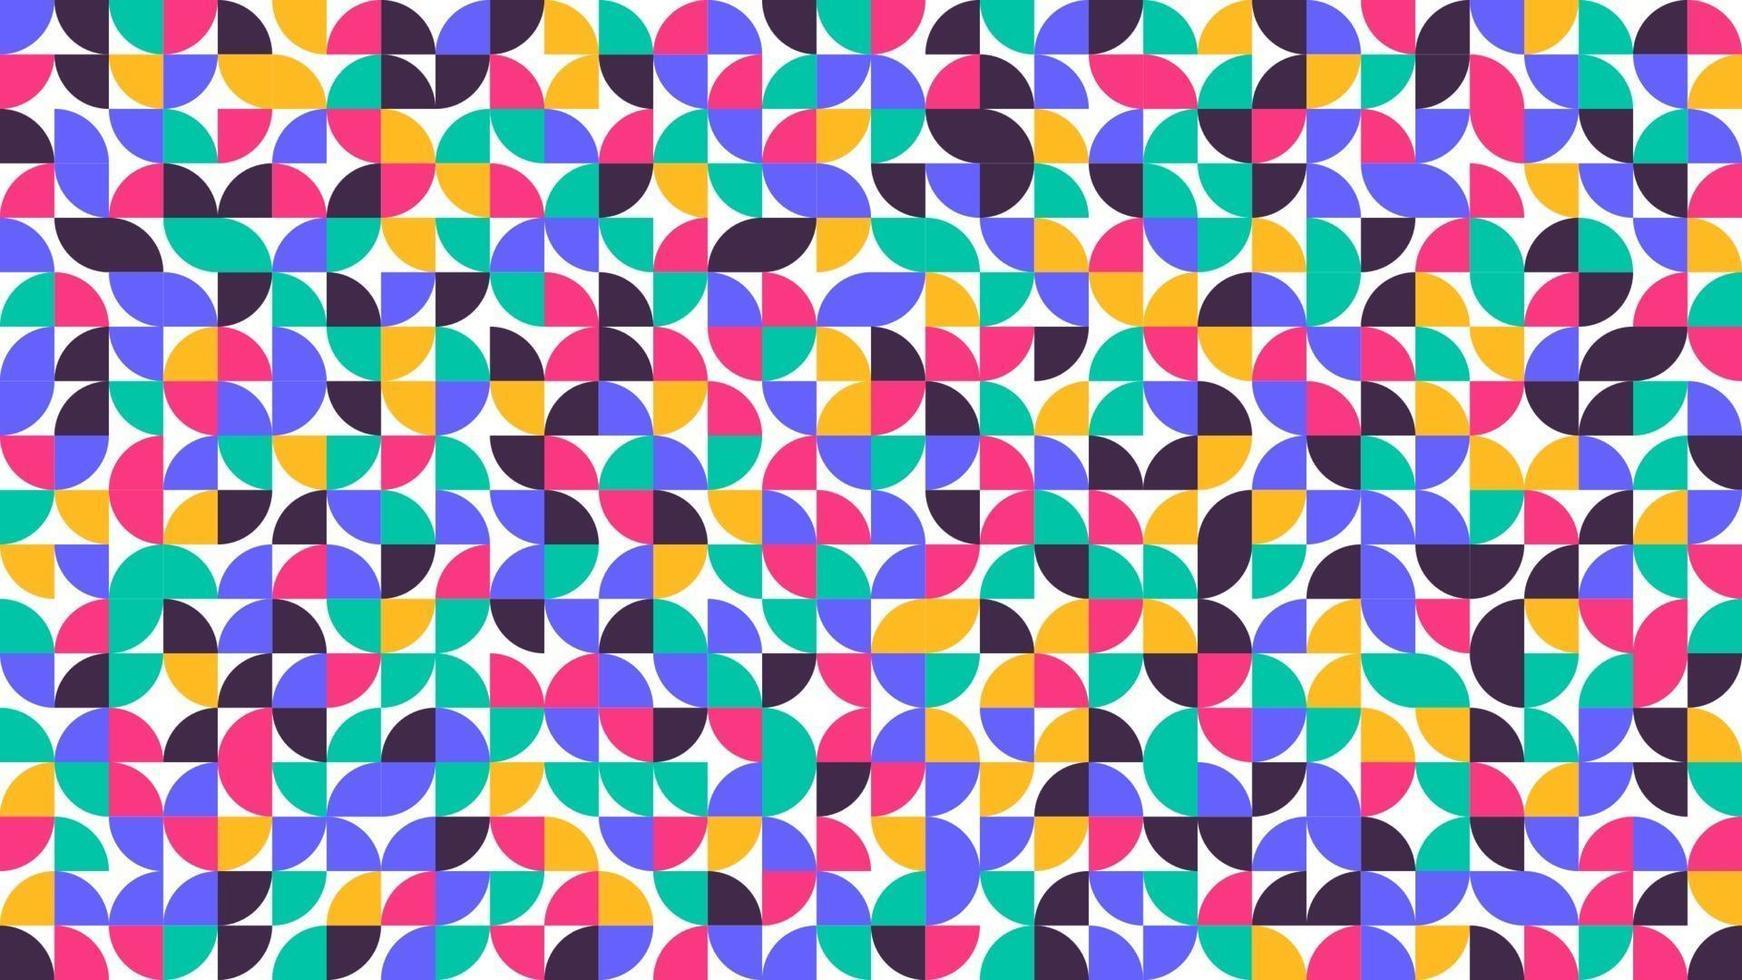 abstrakter Musterentwurf des geometrischen minimalistischen minimalistischen Artkunstplakats im skandinavischen Stil vektor